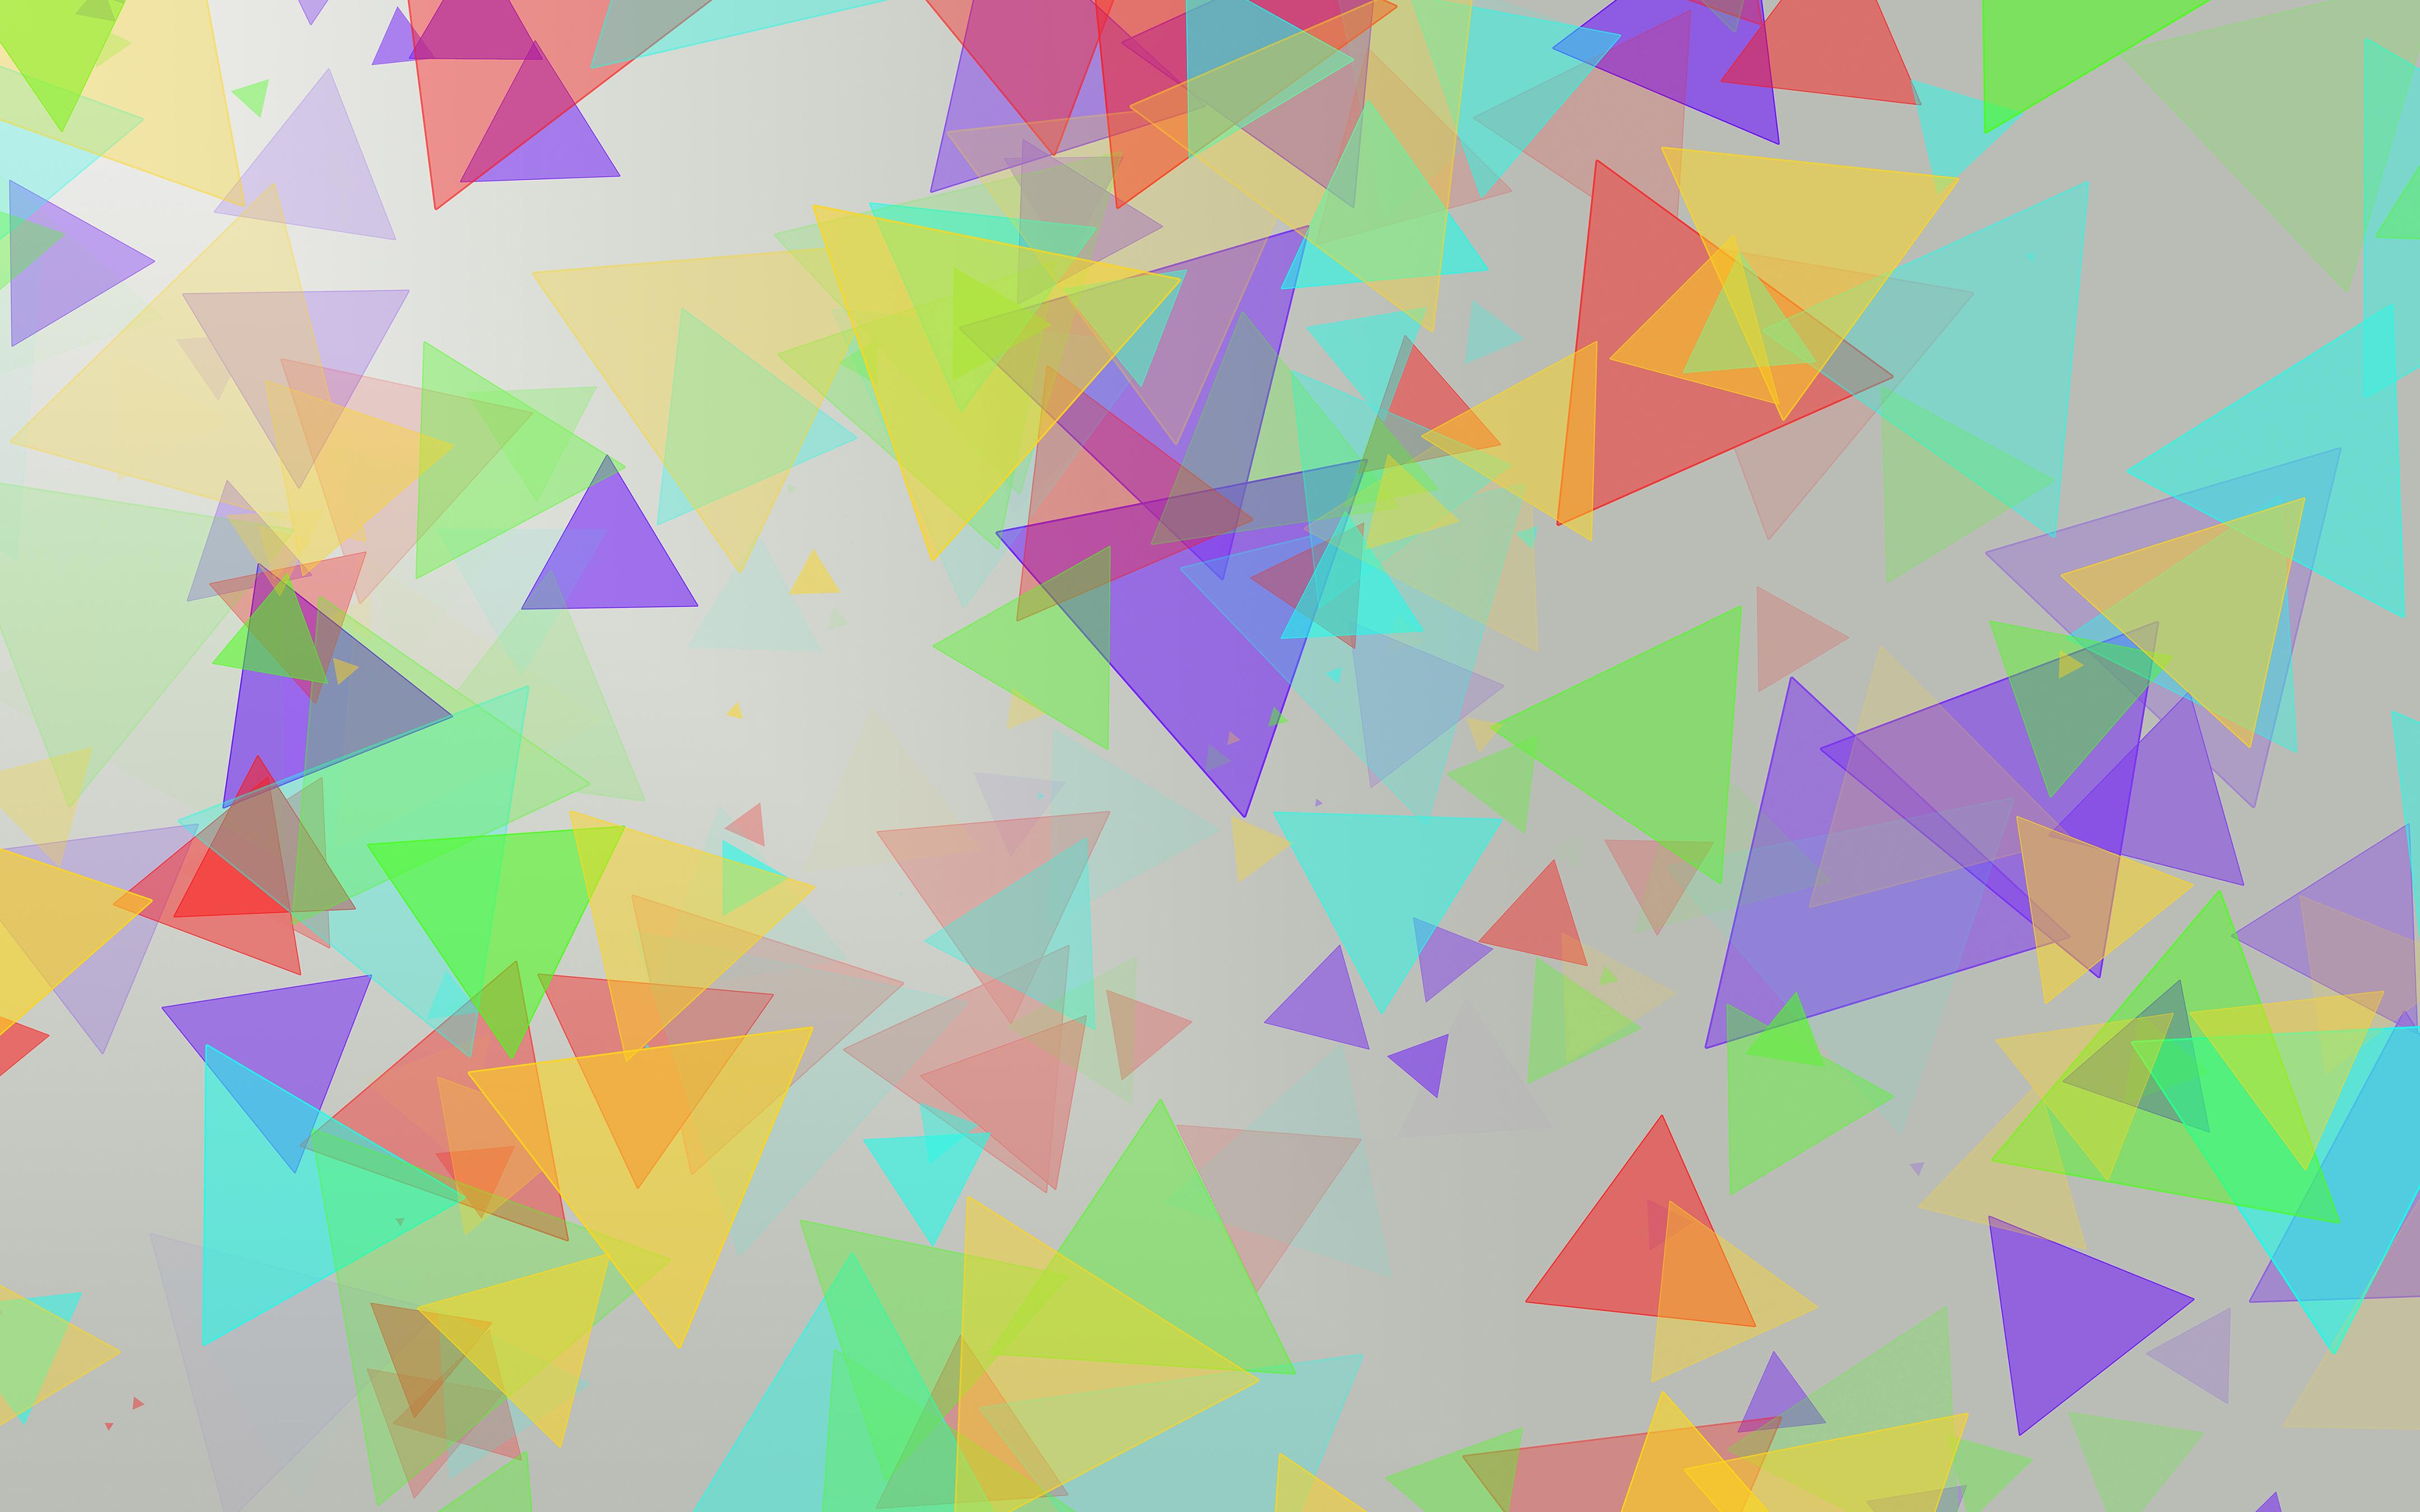 текстура графика абстракция цвета треугольники бесплатно